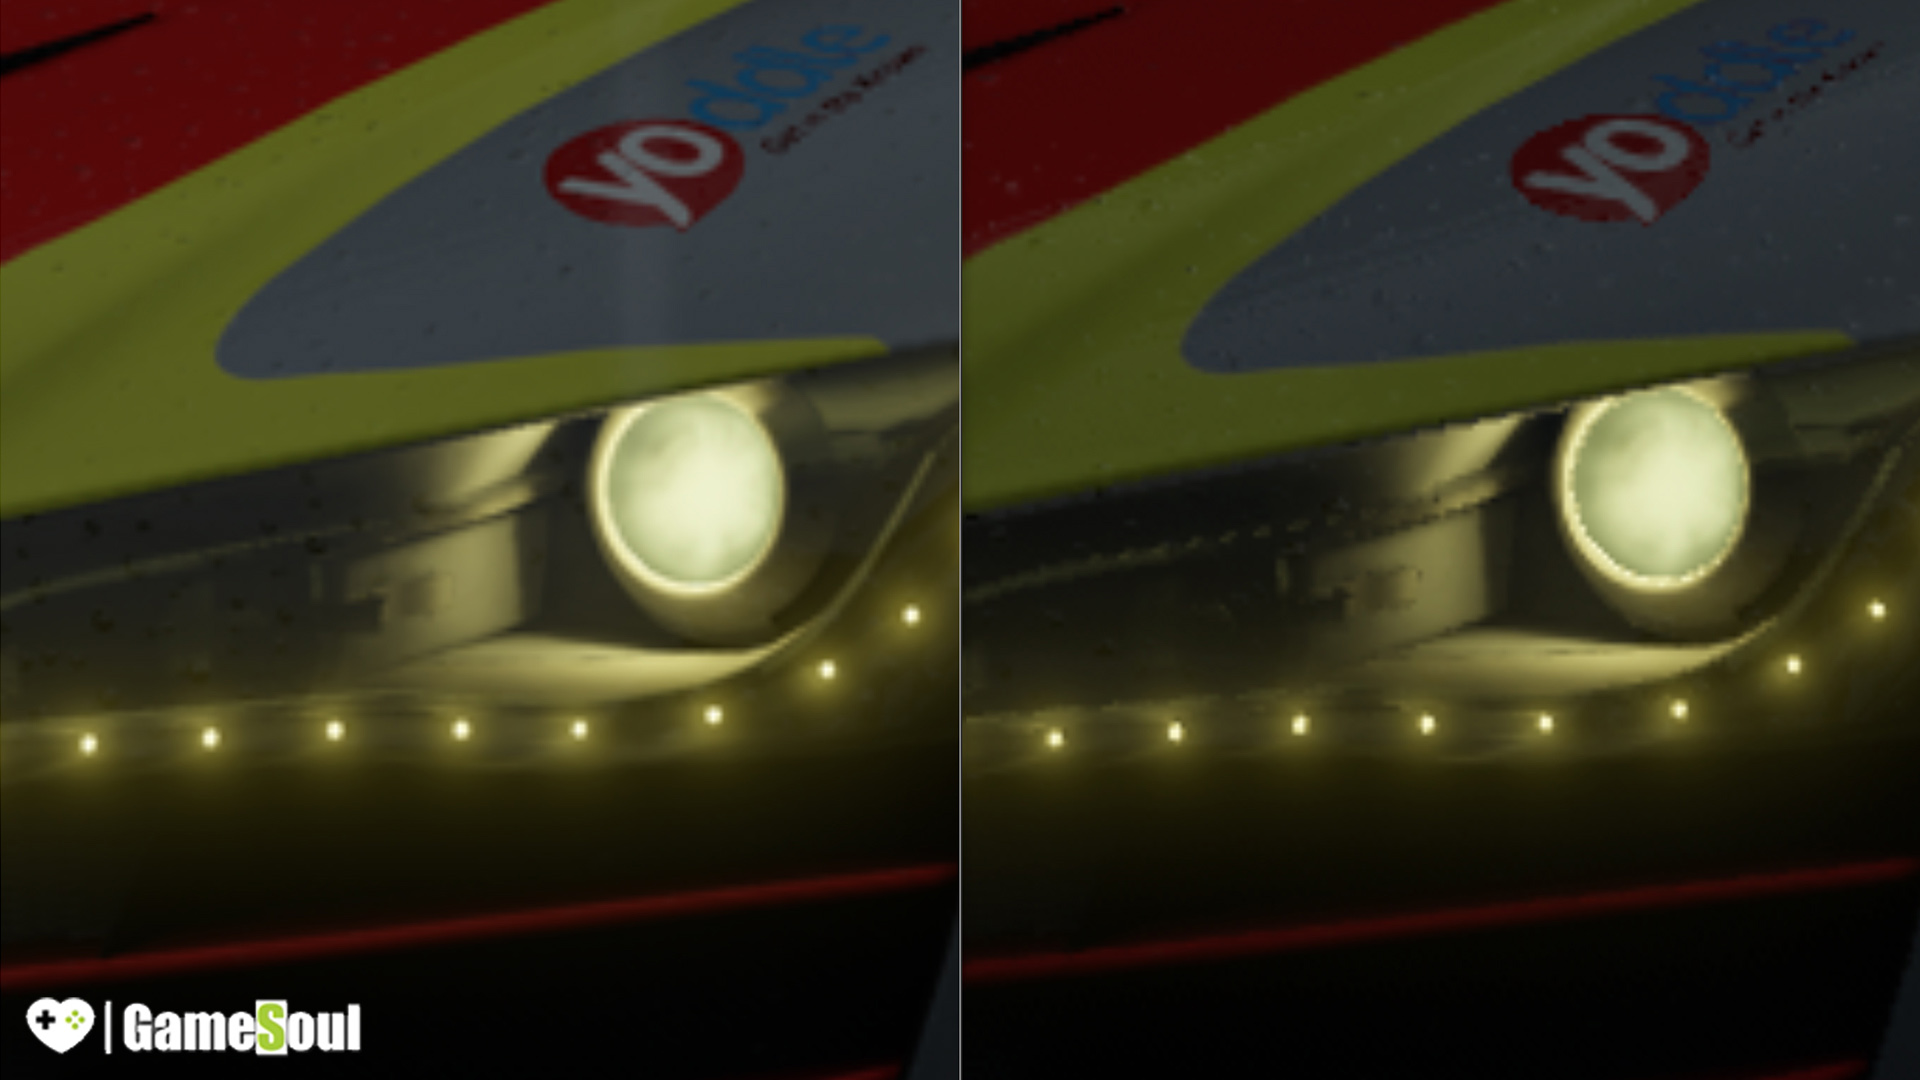 Xbox One X vs Xbox One S - Forza Motorsport 7